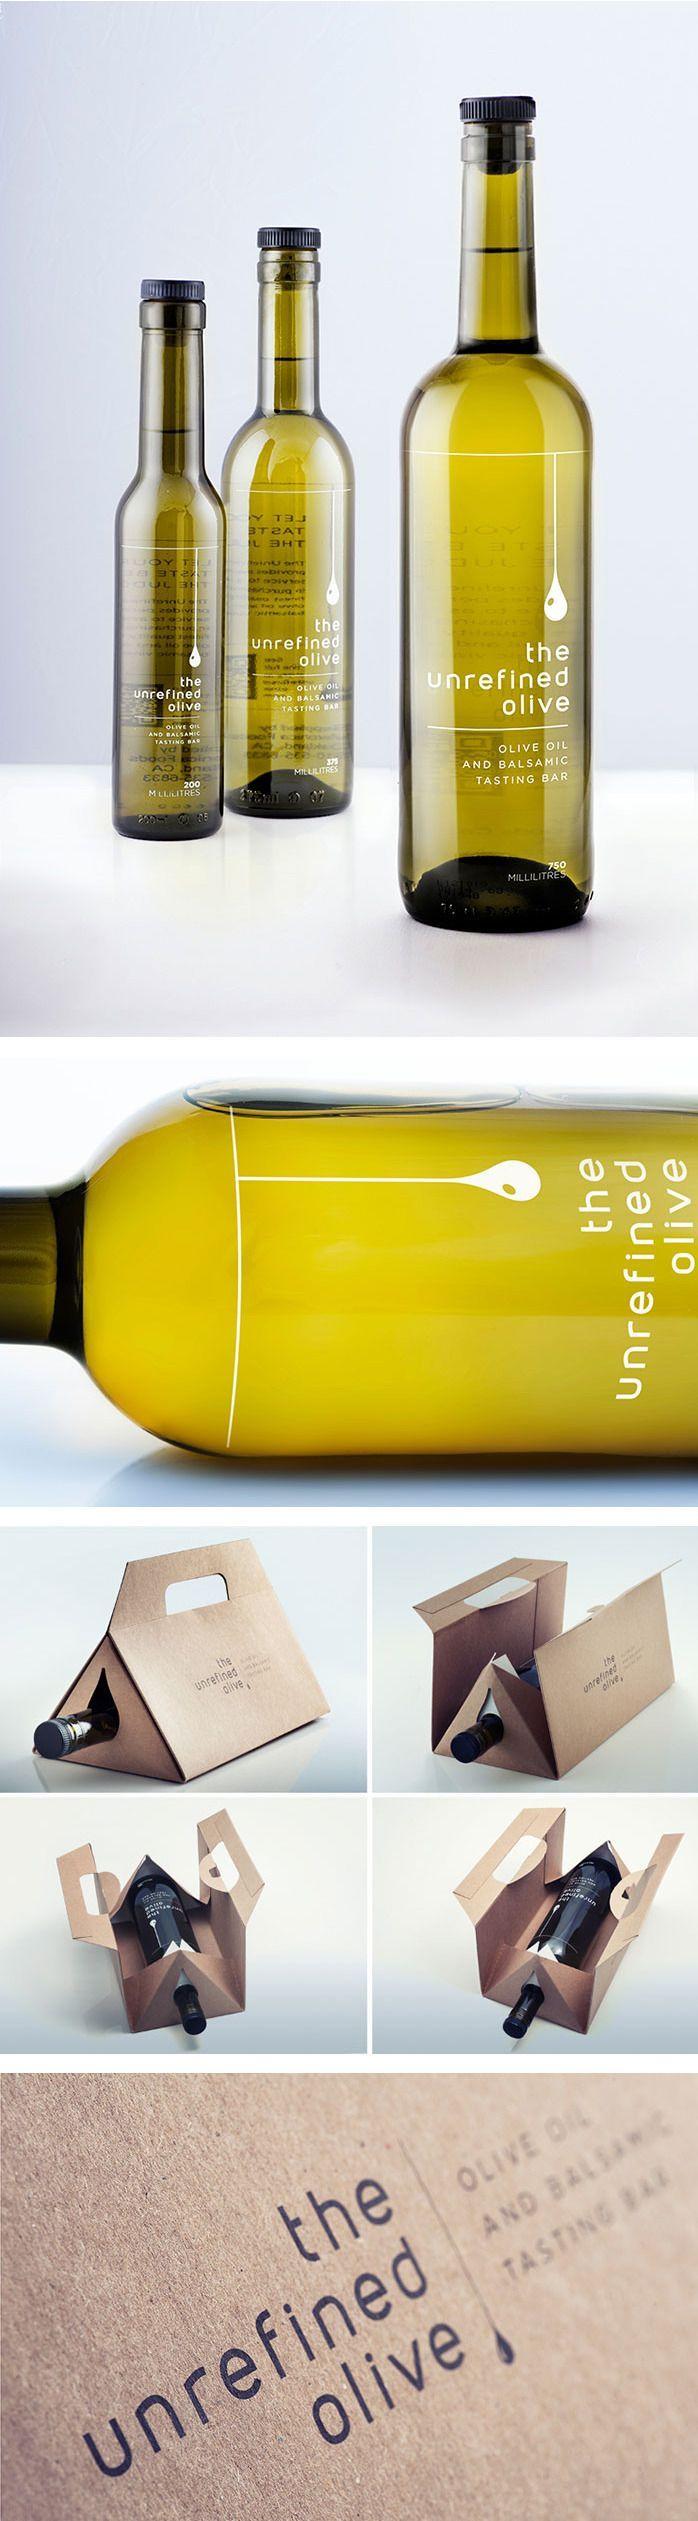 » Snygg förpackningsdesign - CAP&Design - Nordens största tidning för kreativa formgivare PD